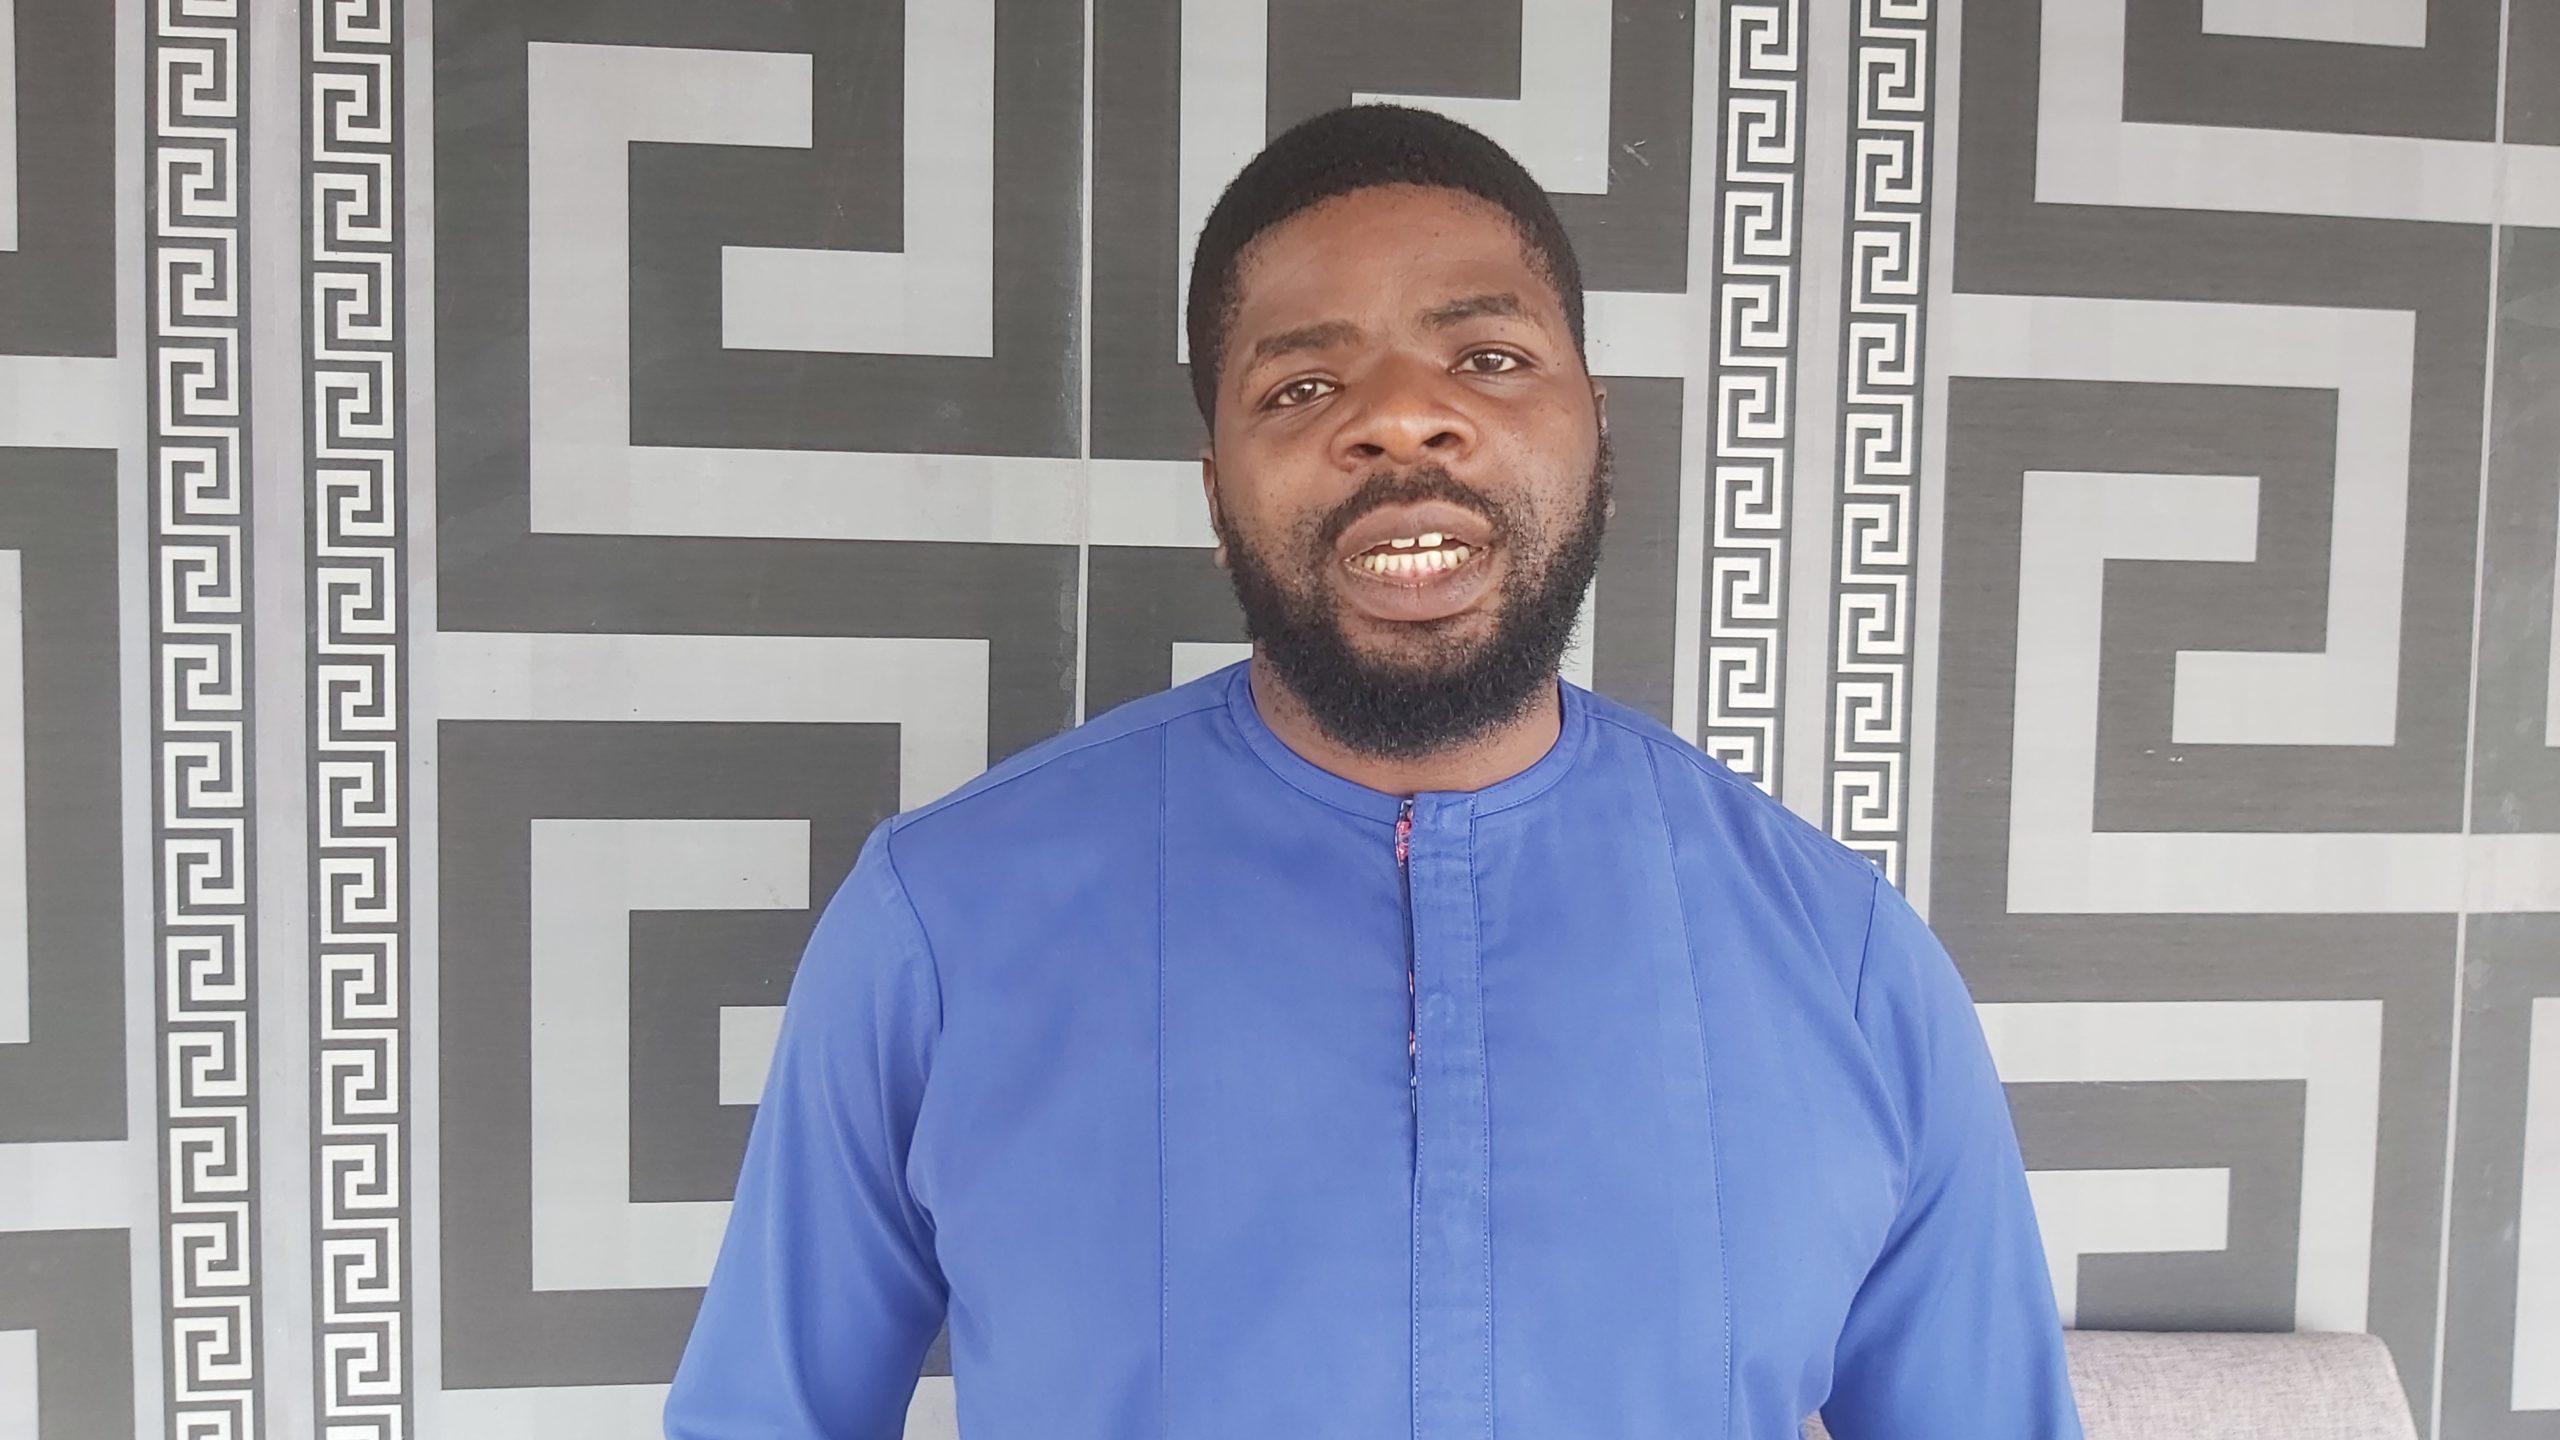 Barr Ifeanyi Nwankwere